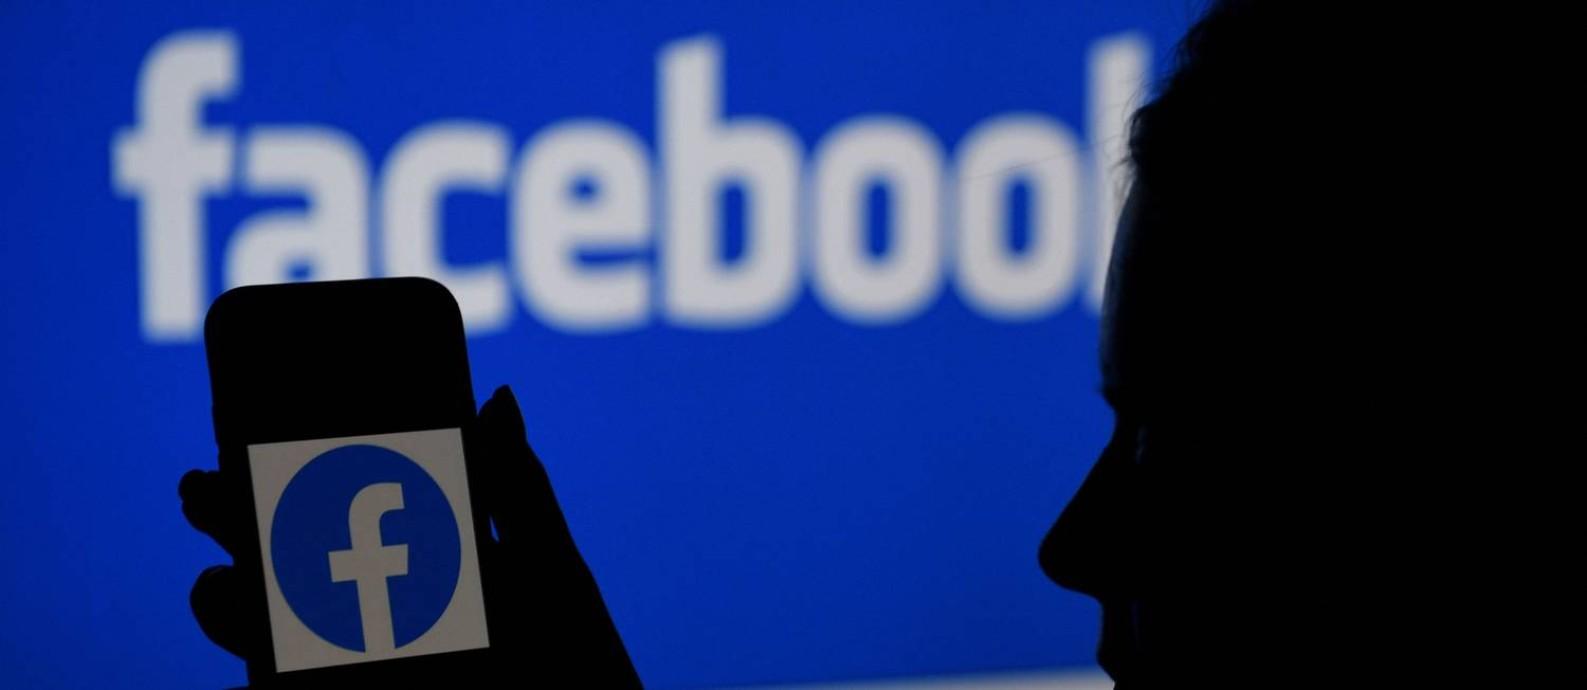 Logo do Facebook é vista na tela de um smartphone Foto: OLIVIER DOULIERY / AFP